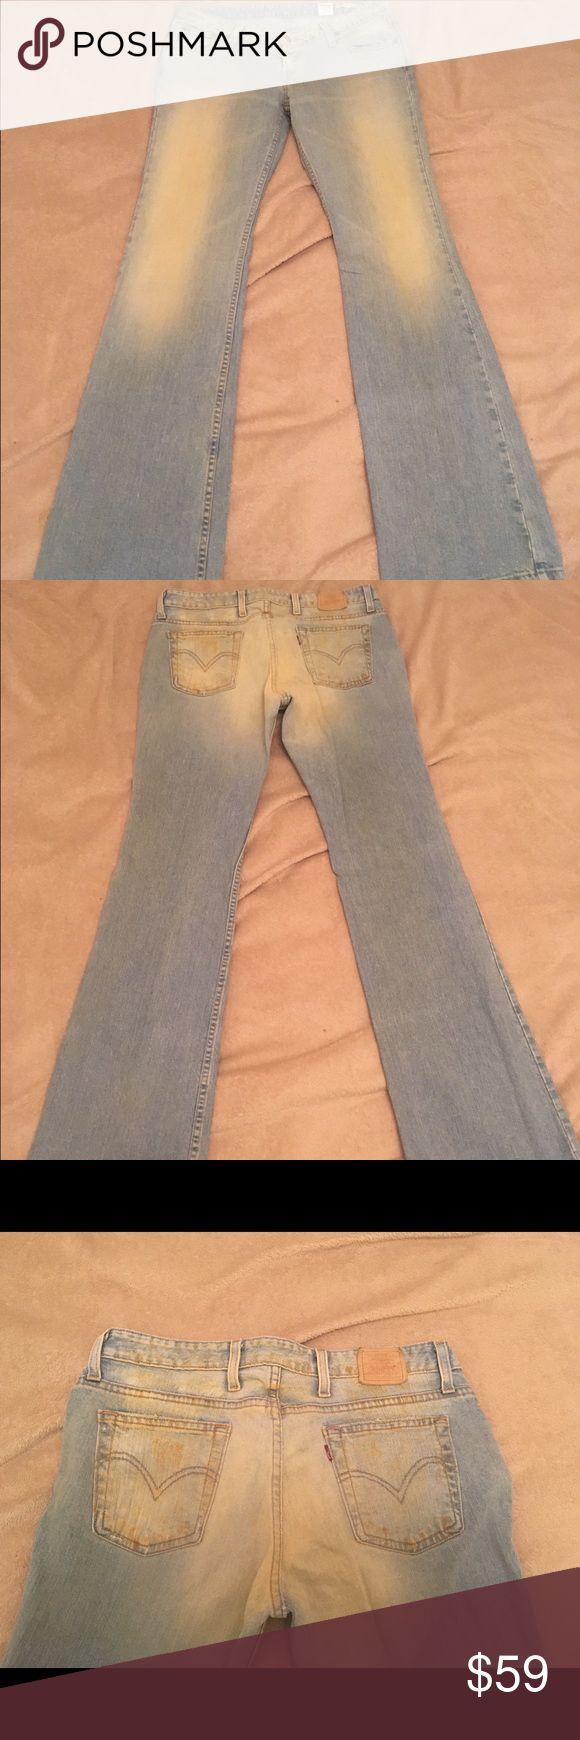 """Vintage Levi's Premium jeans - Final Sale Excellent condition, light wash with bronze distressing. 33"""" inseam. Levi's Jeans Boot Cut"""